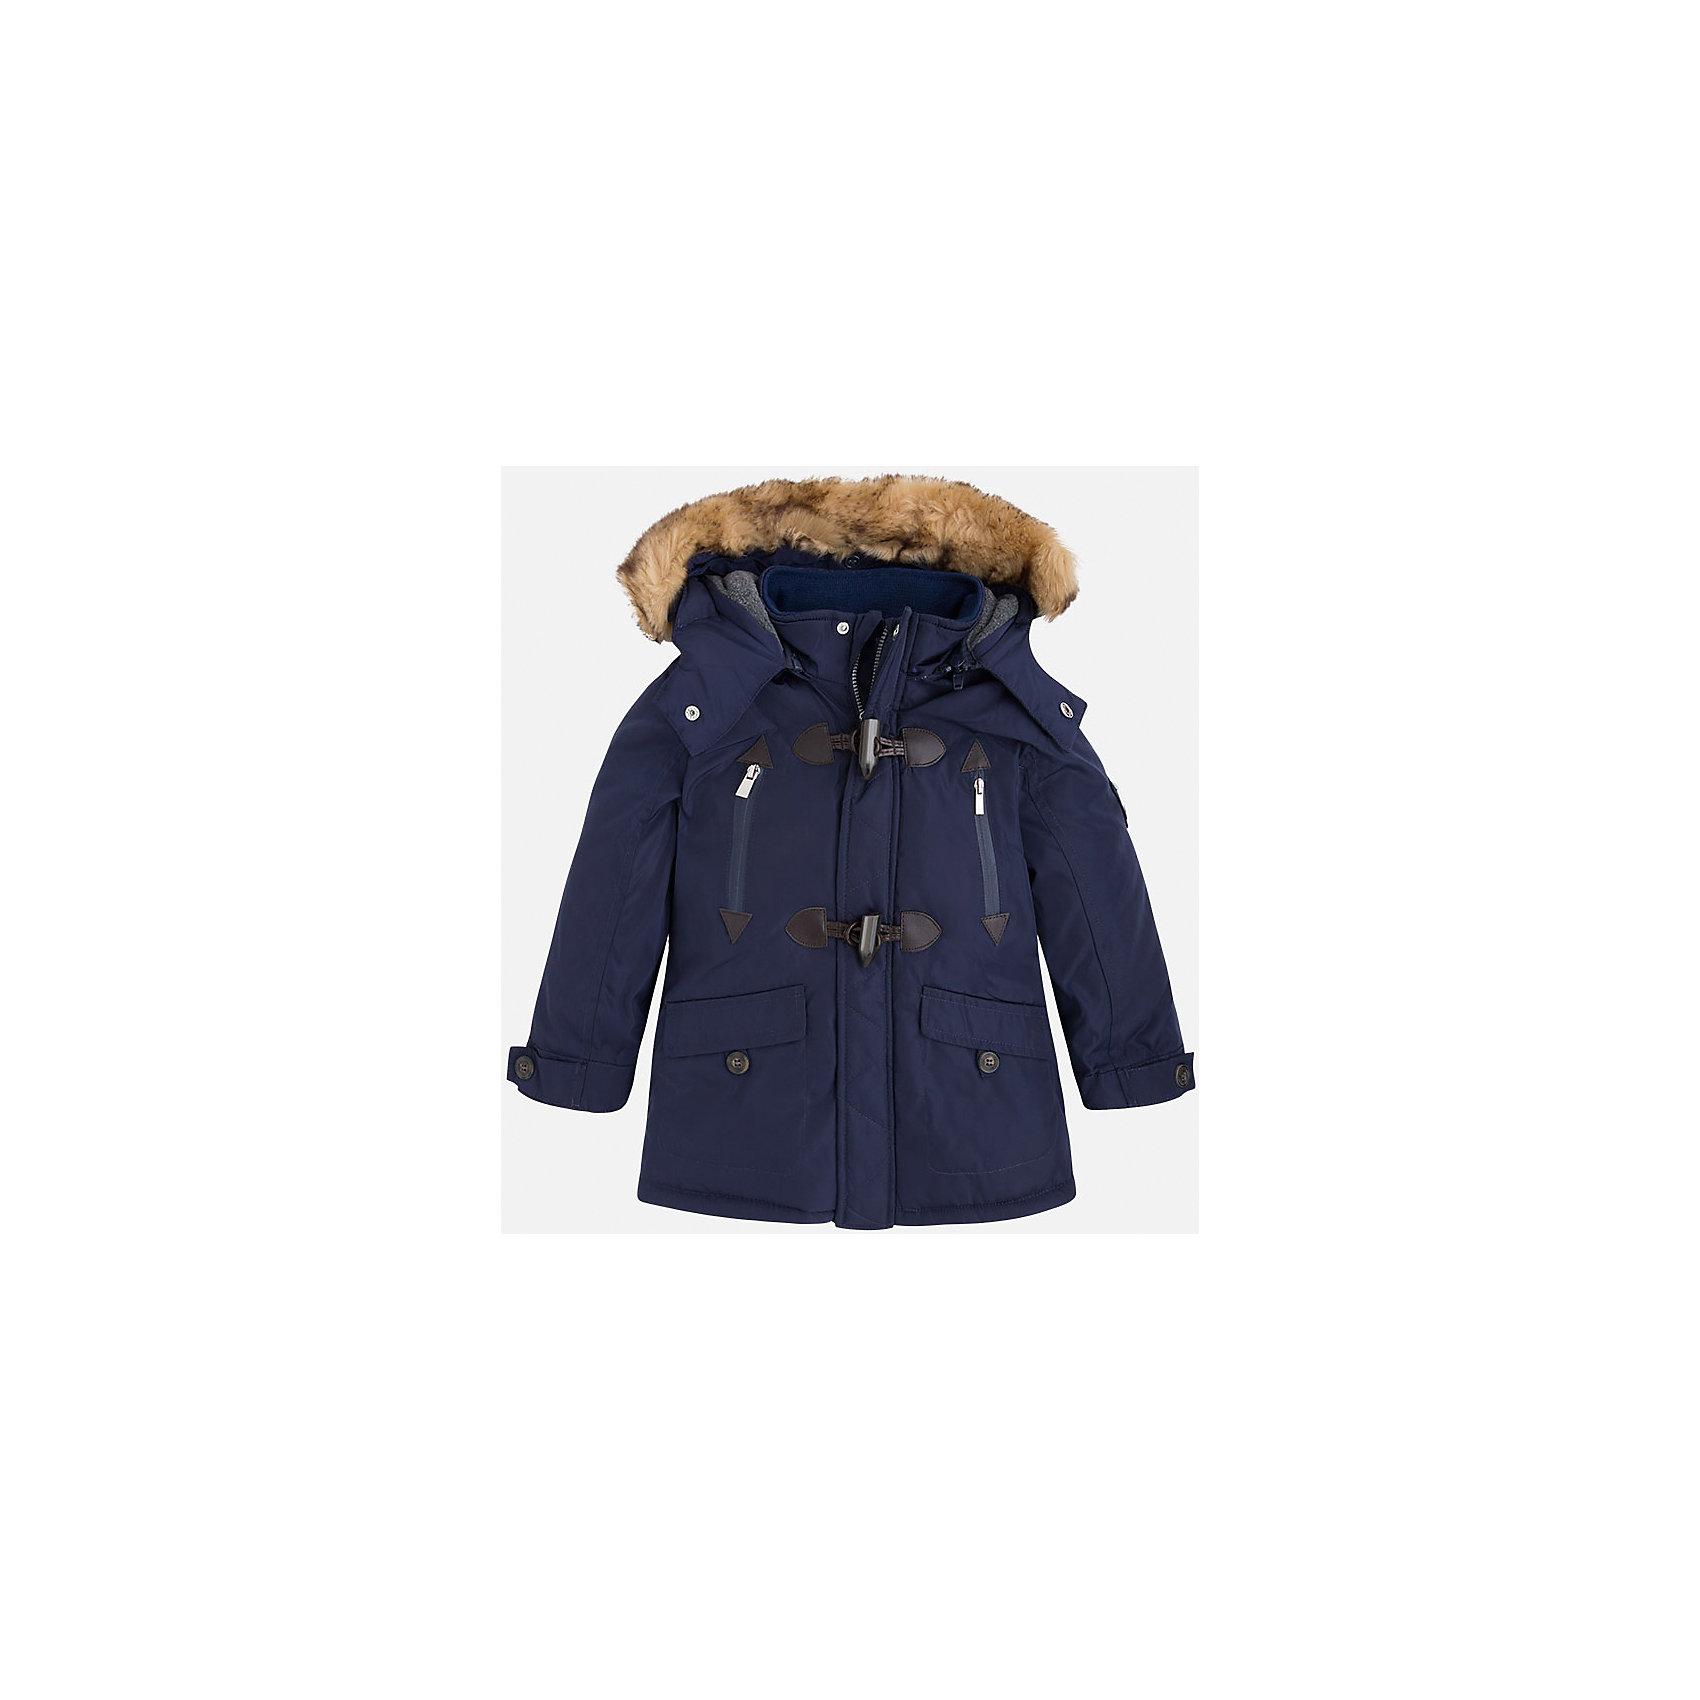 Жакет для мальчика MayoralДемисезонные куртки<br>Скоро осень, а значит Вашему малышу  понадобиться что-нибудь теплое. Значит, Вам прекрасно подойдет яркая, а главное, теплая куртка Mayoral!<br>Порадуйте своего модника хорошим подарком!<br><br>Дополнительная информация:<br><br>- Крой: прямой крой, расклешенный к низу.<br>- Страна бренда: Испания.<br>- Состав: <br>Верхняя ткань: полиэстер 100%.<br>Подкладка: полиэстер 100%.<br>Наполнитель: полиэстер 100%.<br>- Цвет: темно-синий.<br>- Уход: бережная стирка при 30 градусах.<br><br>Купить куртку для мальчика Mayoral можно в нашем магазине.<br><br>Ширина мм: 190<br>Глубина мм: 74<br>Высота мм: 229<br>Вес г: 236<br>Цвет: синий<br>Возраст от месяцев: 24<br>Возраст до месяцев: 36<br>Пол: Мужской<br>Возраст: Детский<br>Размер: 98,110,122,128,134,116,104<br>SKU: 4821993